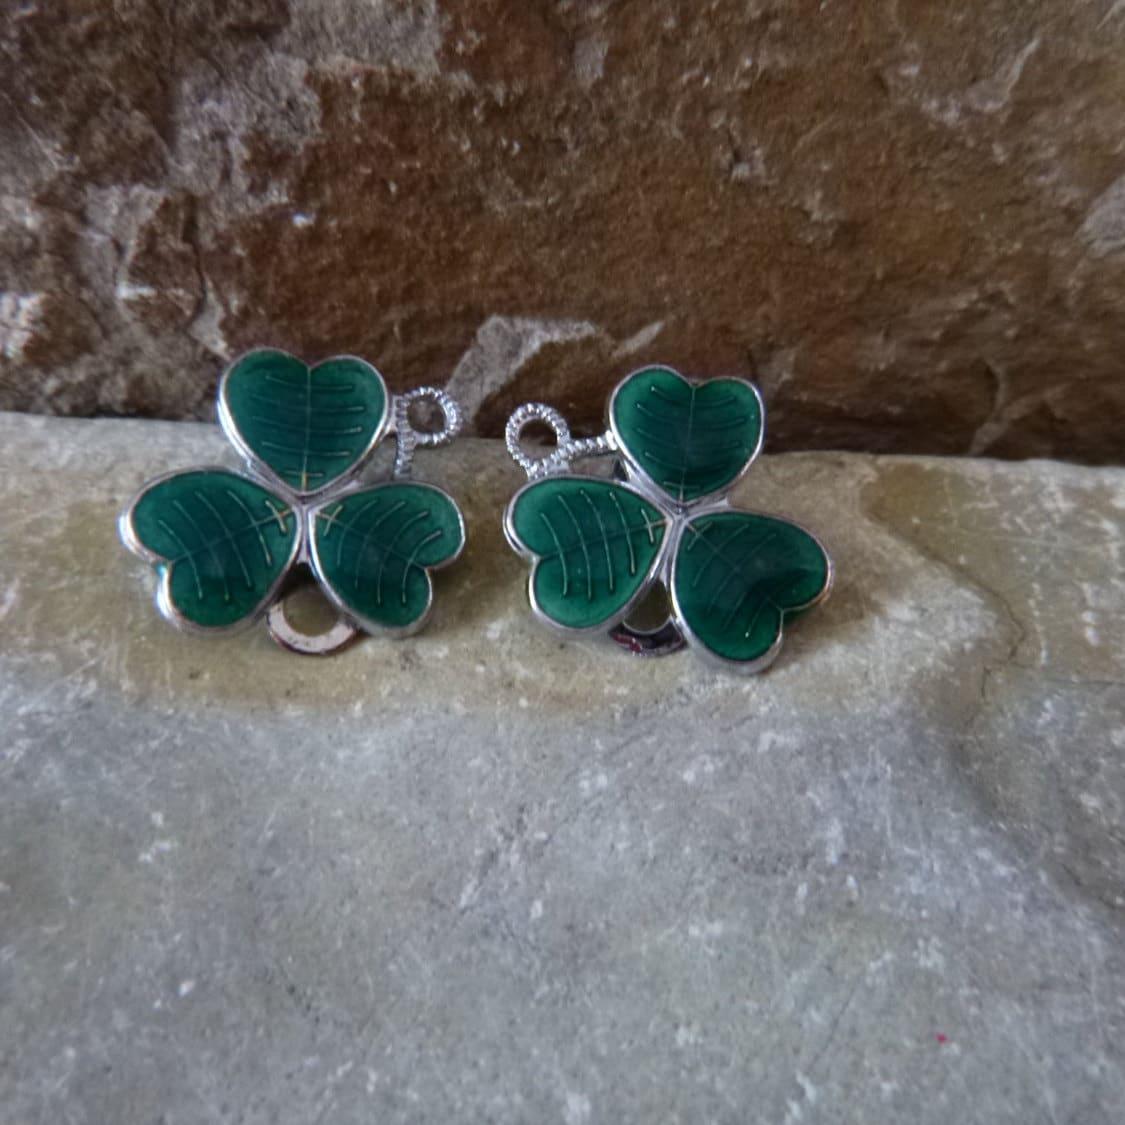 vintage mizpah shamrock clip on earrings green enamel